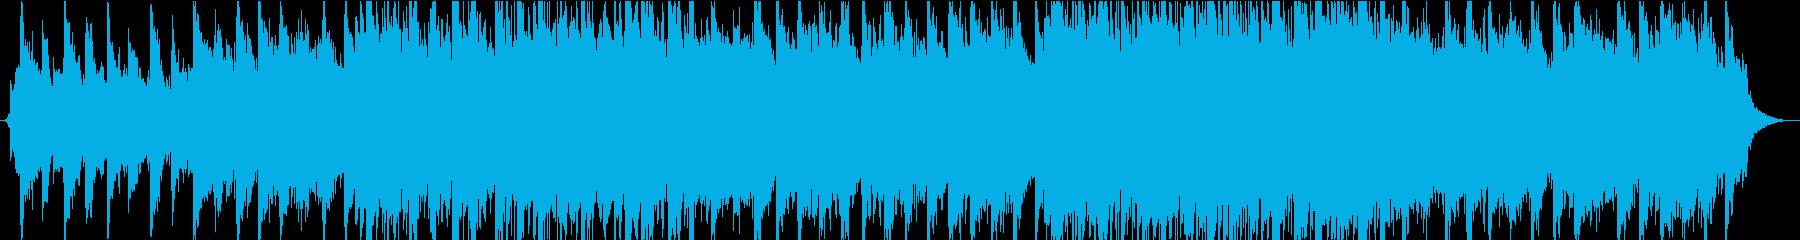 メロディックギターとピアノのバラードの再生済みの波形